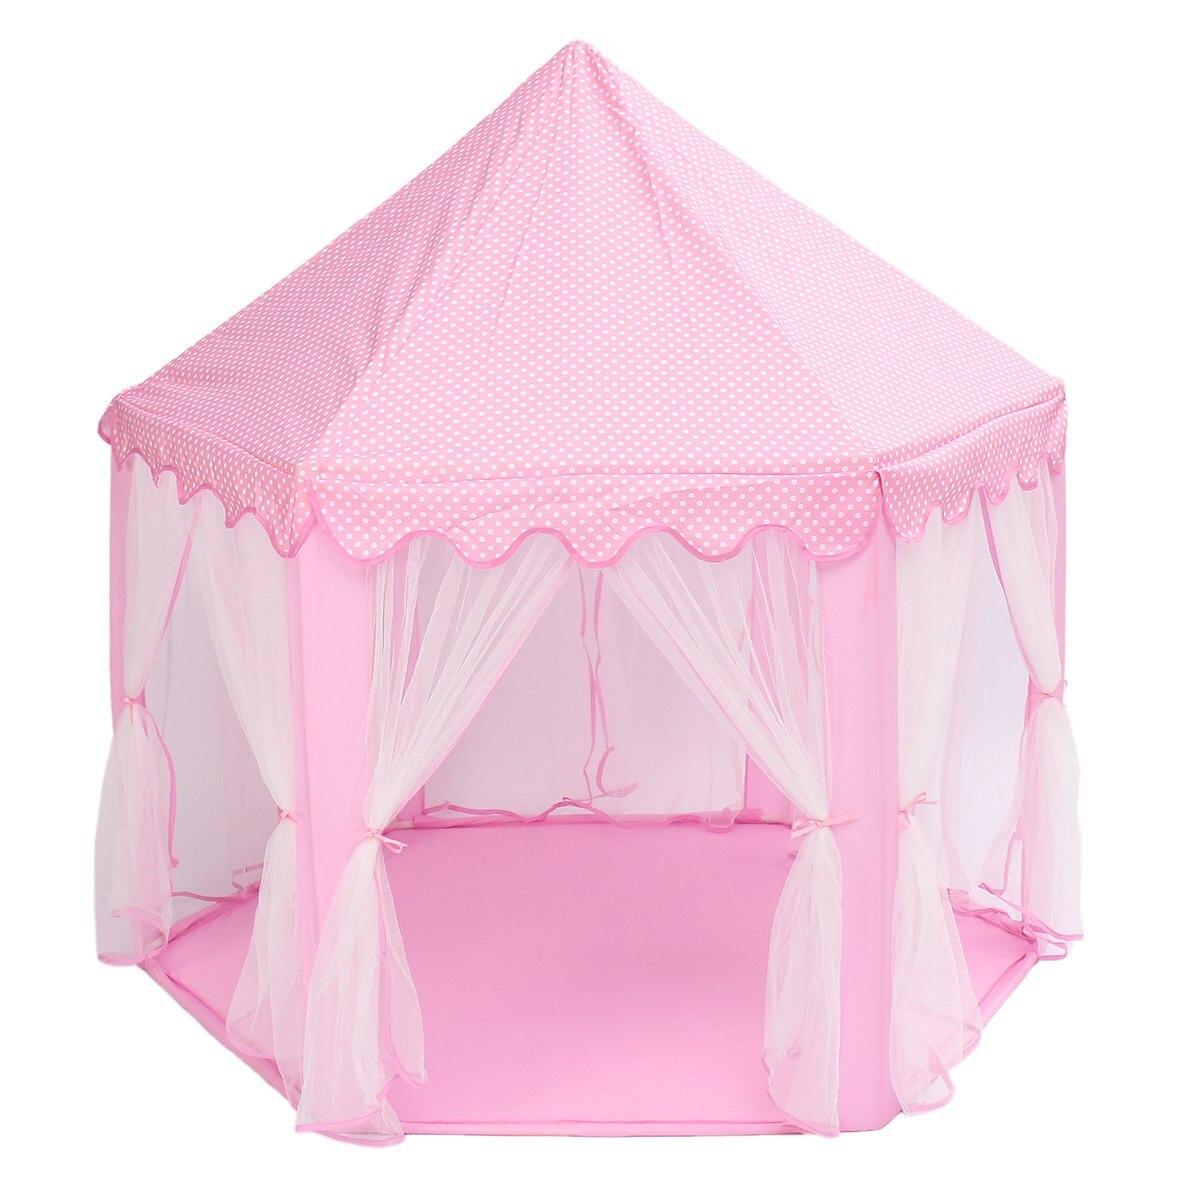 Portable Princesse Château Jouer Tente Activité Fée Maison Fun Playhouse Tente De Plage Bébé jouer Jouet Cadeau Pour Les Enfants - 3